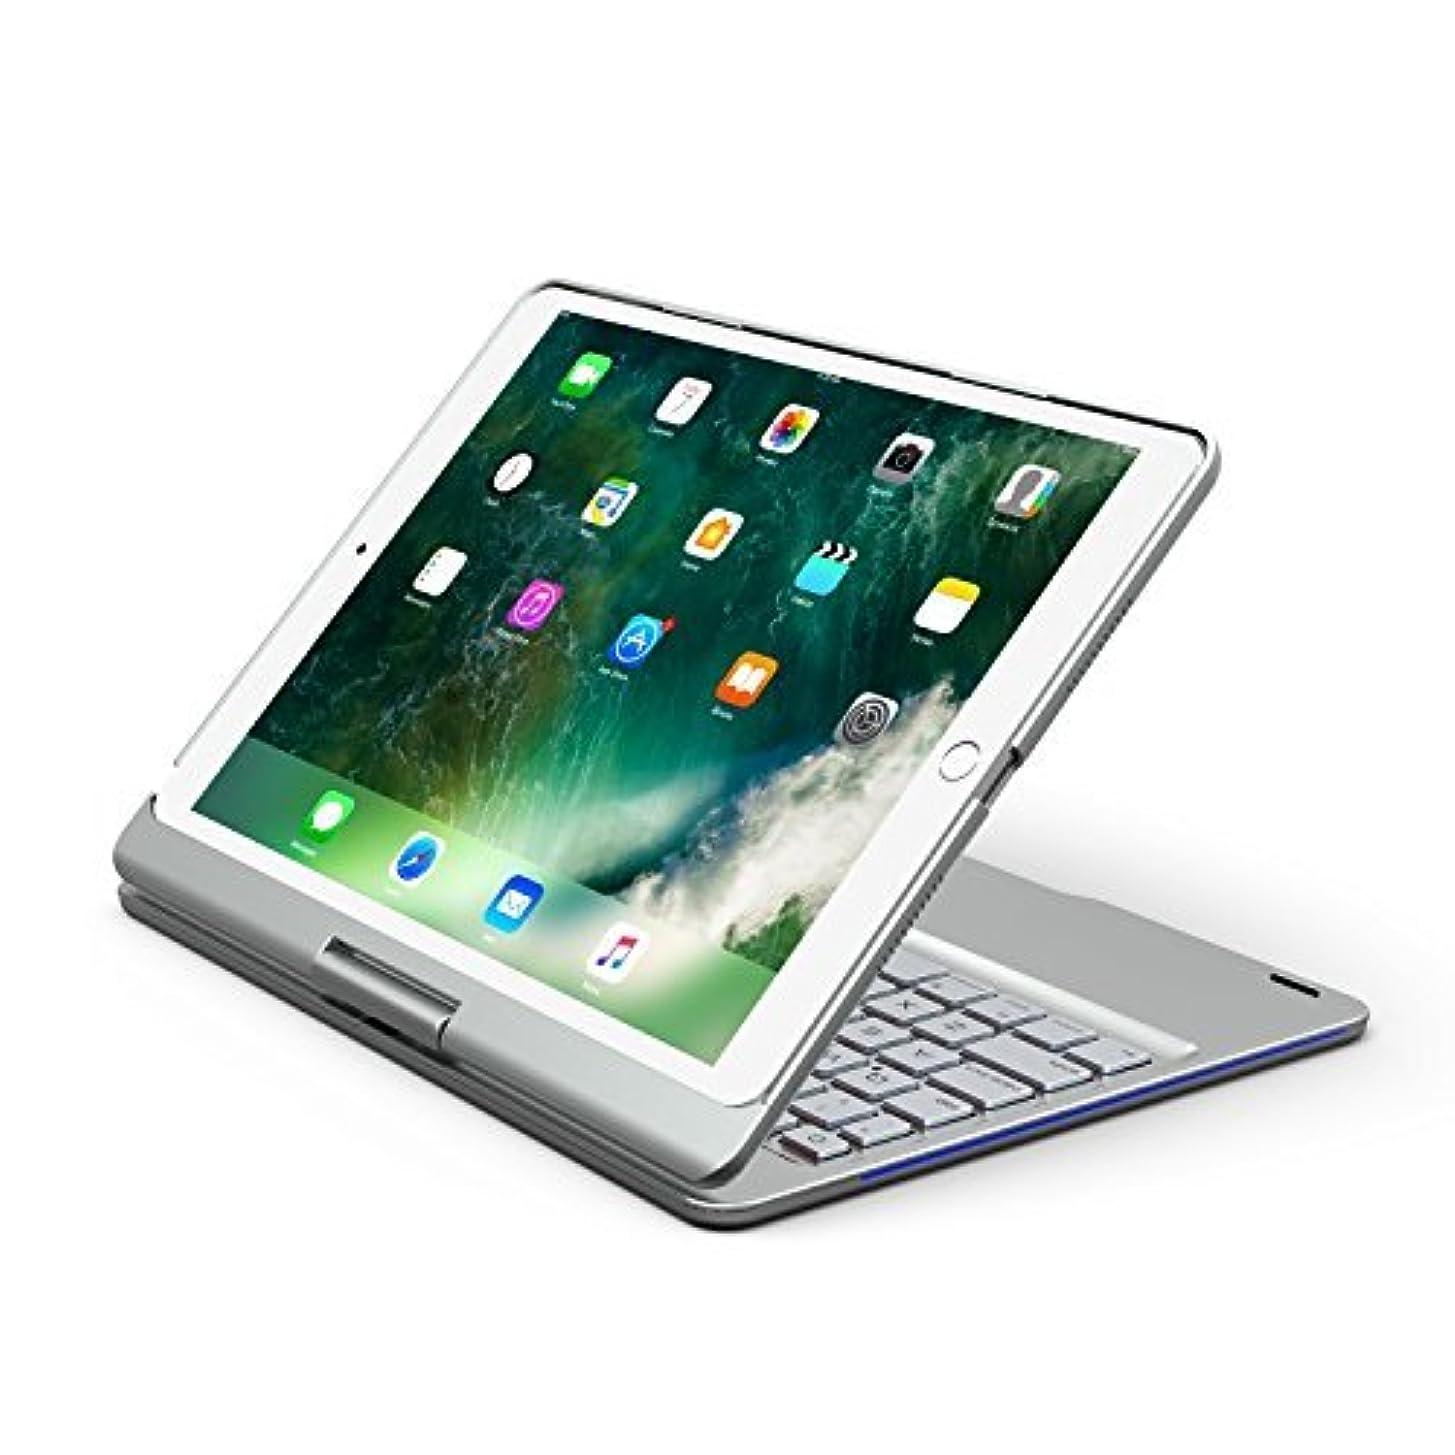 拍手する恐怖動機iPad Pro 10.5キーボードケース、businda 7色バックライト付きキーボードケースカバー360 °回転スマートキーボードケース/スリープ付きiPad Pro 10.5 2017 New iPad シルバー